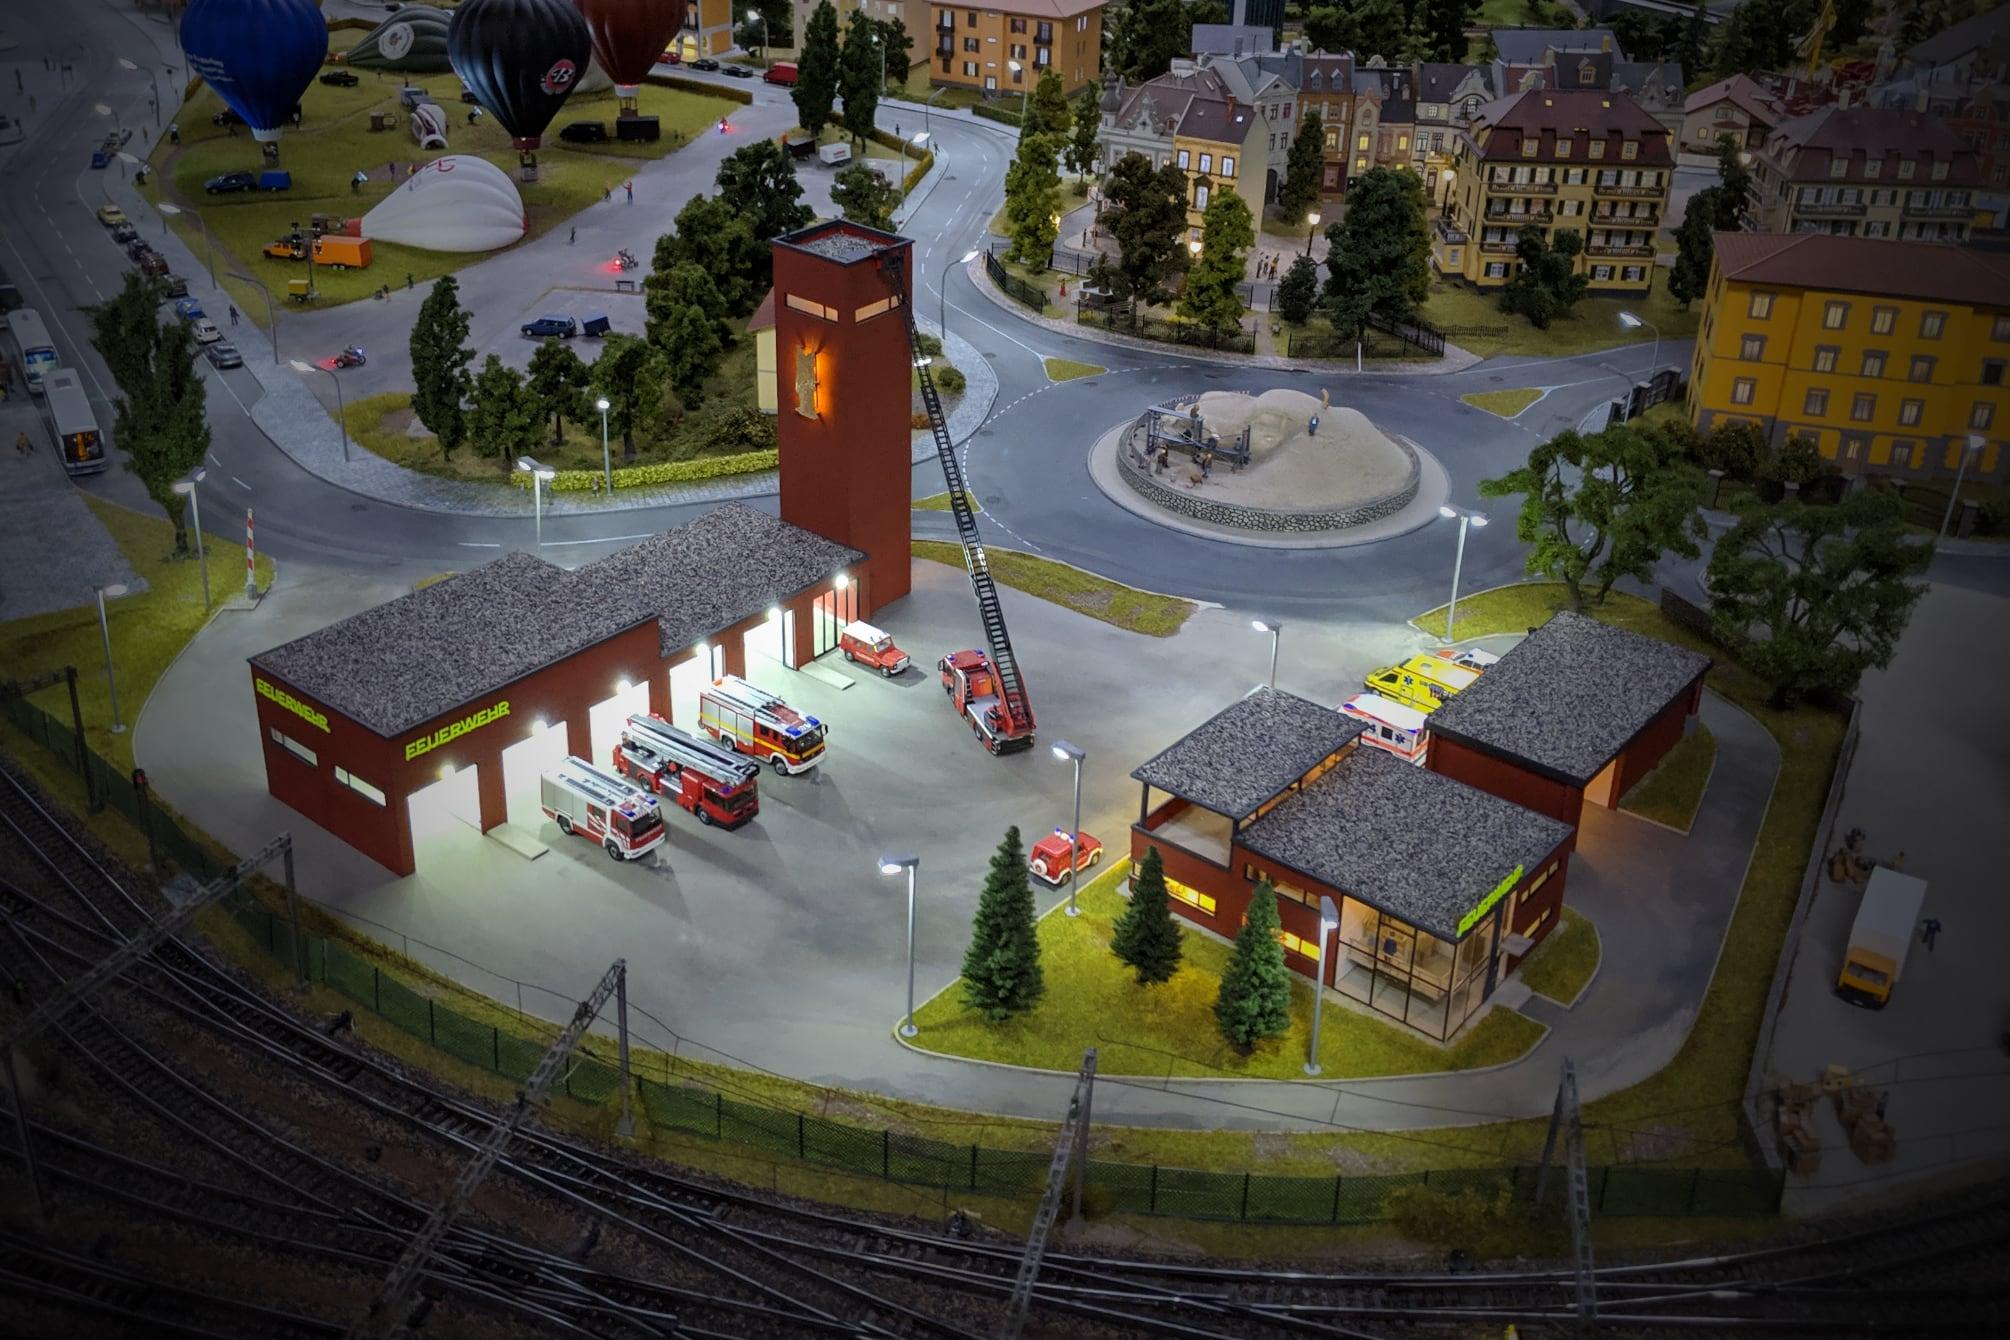 Die große Feuerwache auf der Modelleisenbahnanlage bleibt wohl an ihrem Platz im Traumwerk